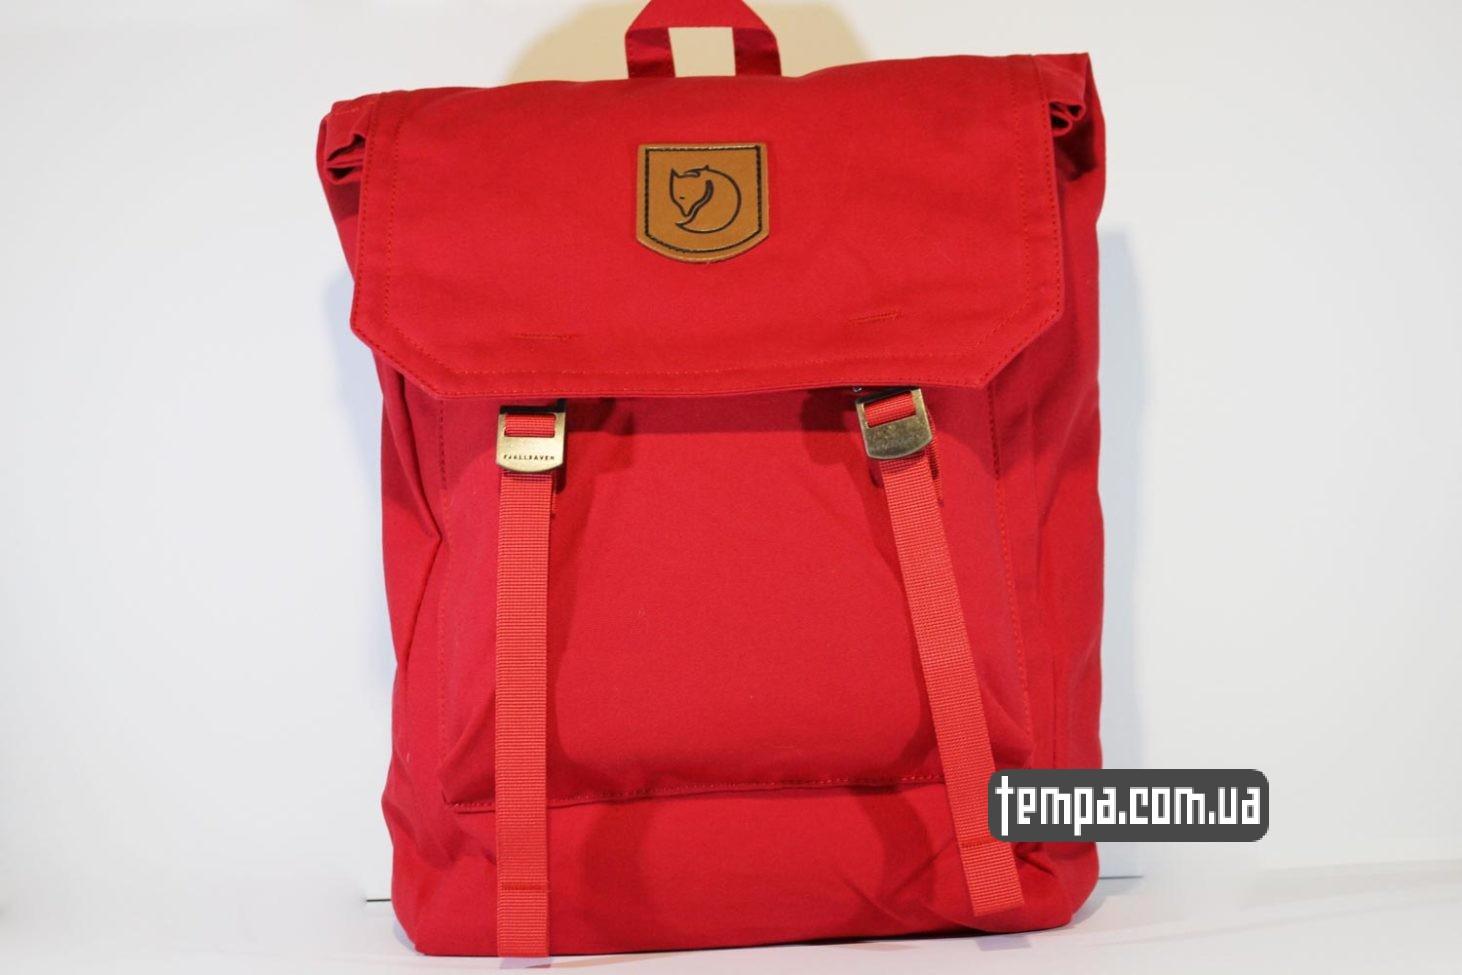 рюкзак сумка Fjällräven Foldsack No.1 Ox красная